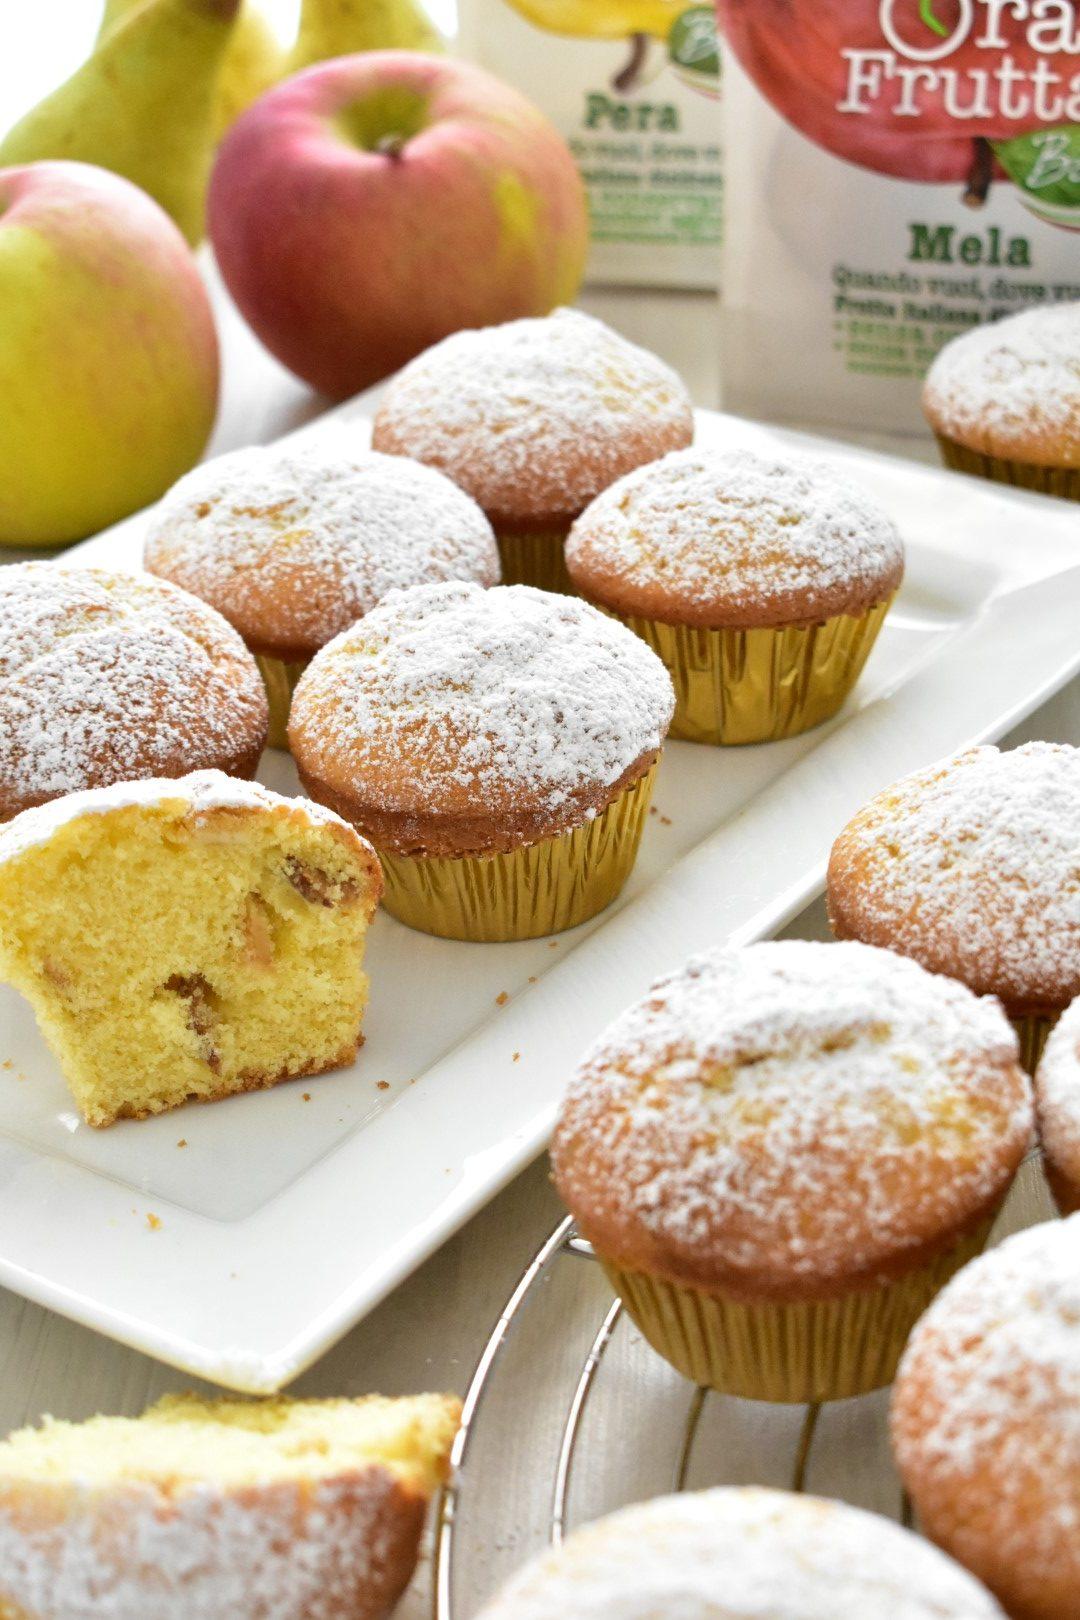 Ricetta Muffins alle mele e pere disidratate